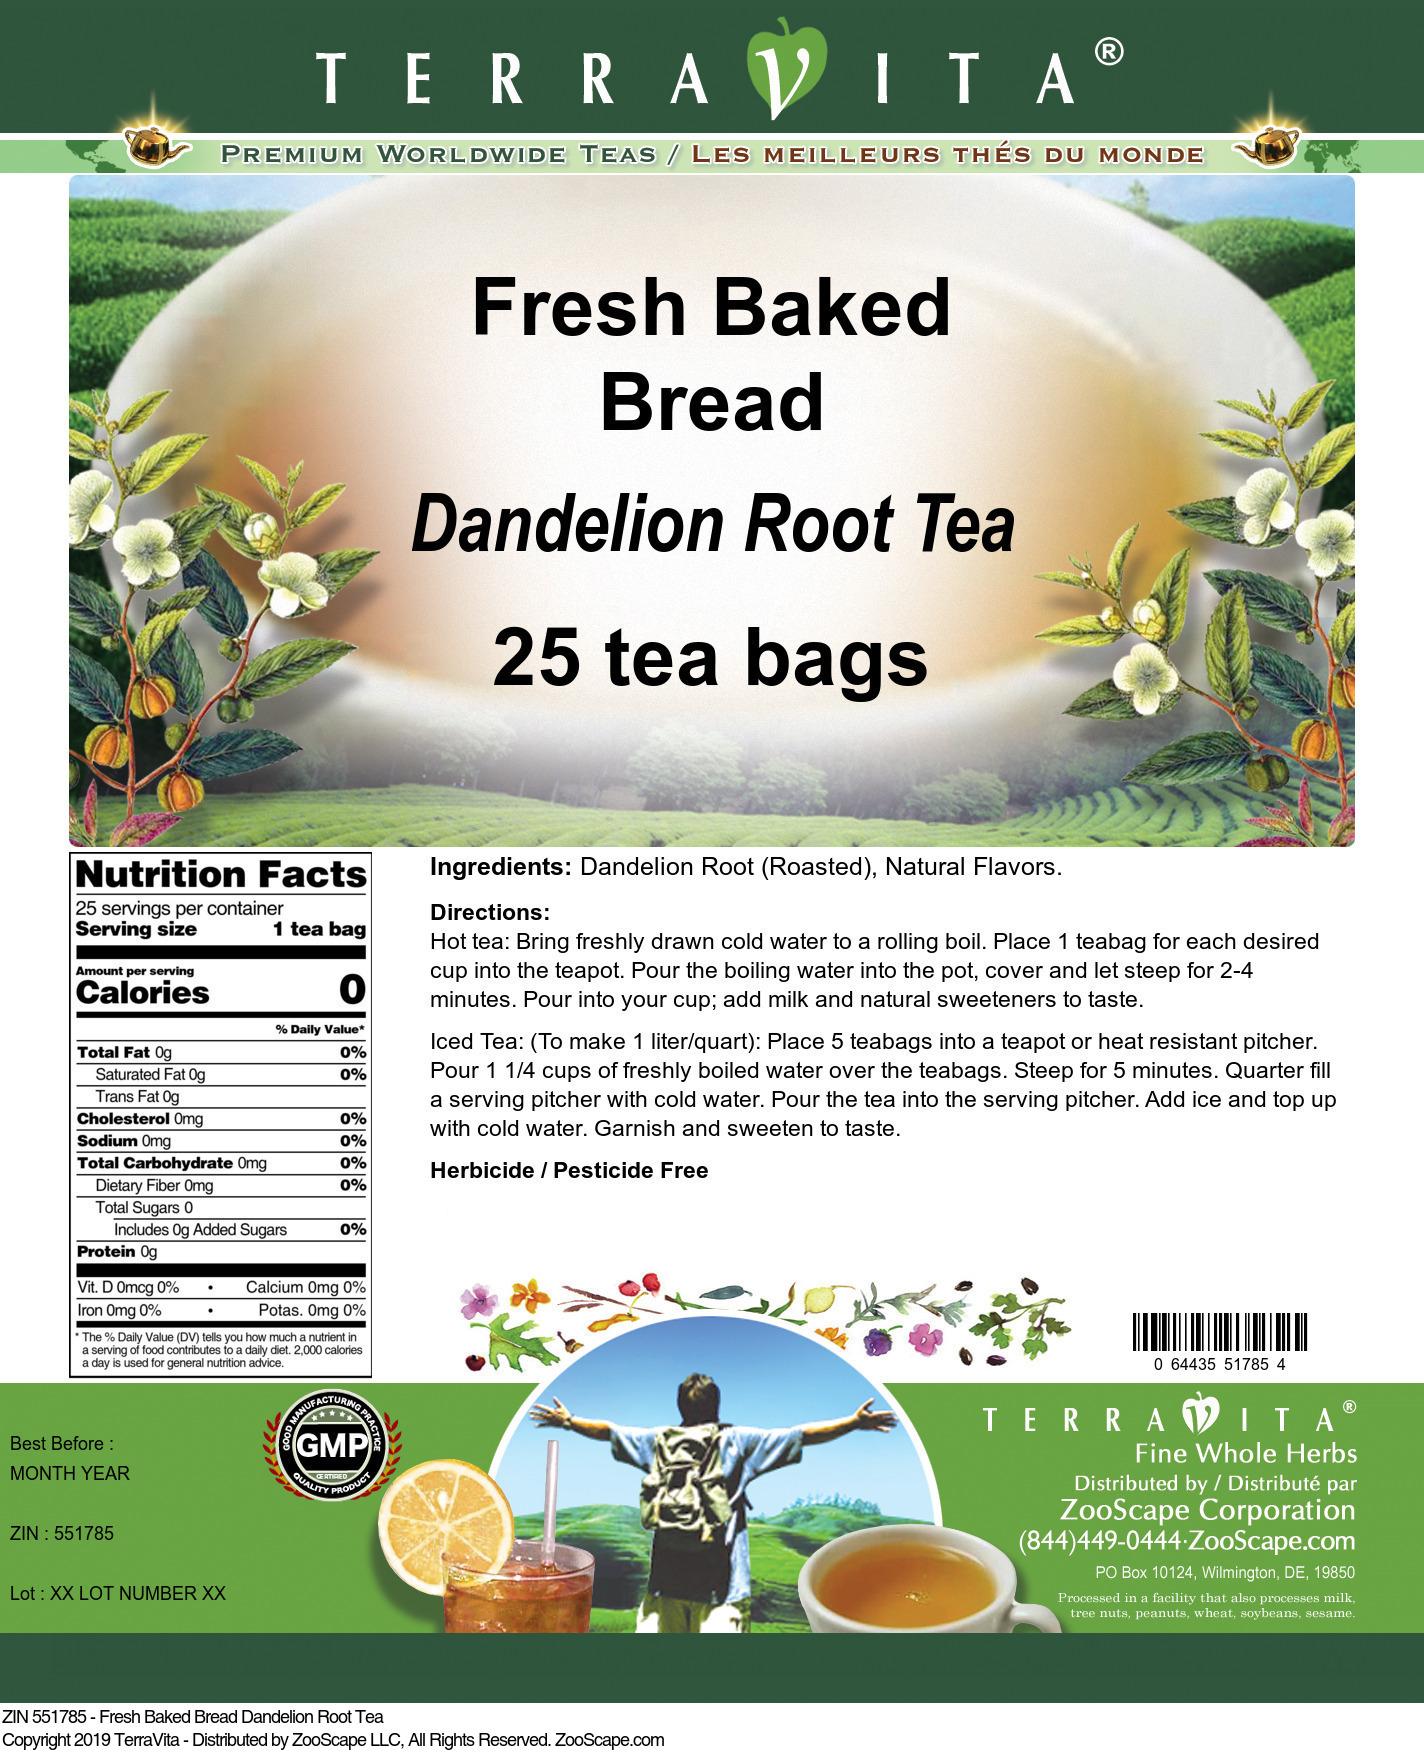 Fresh Baked Bread Dandelion Root